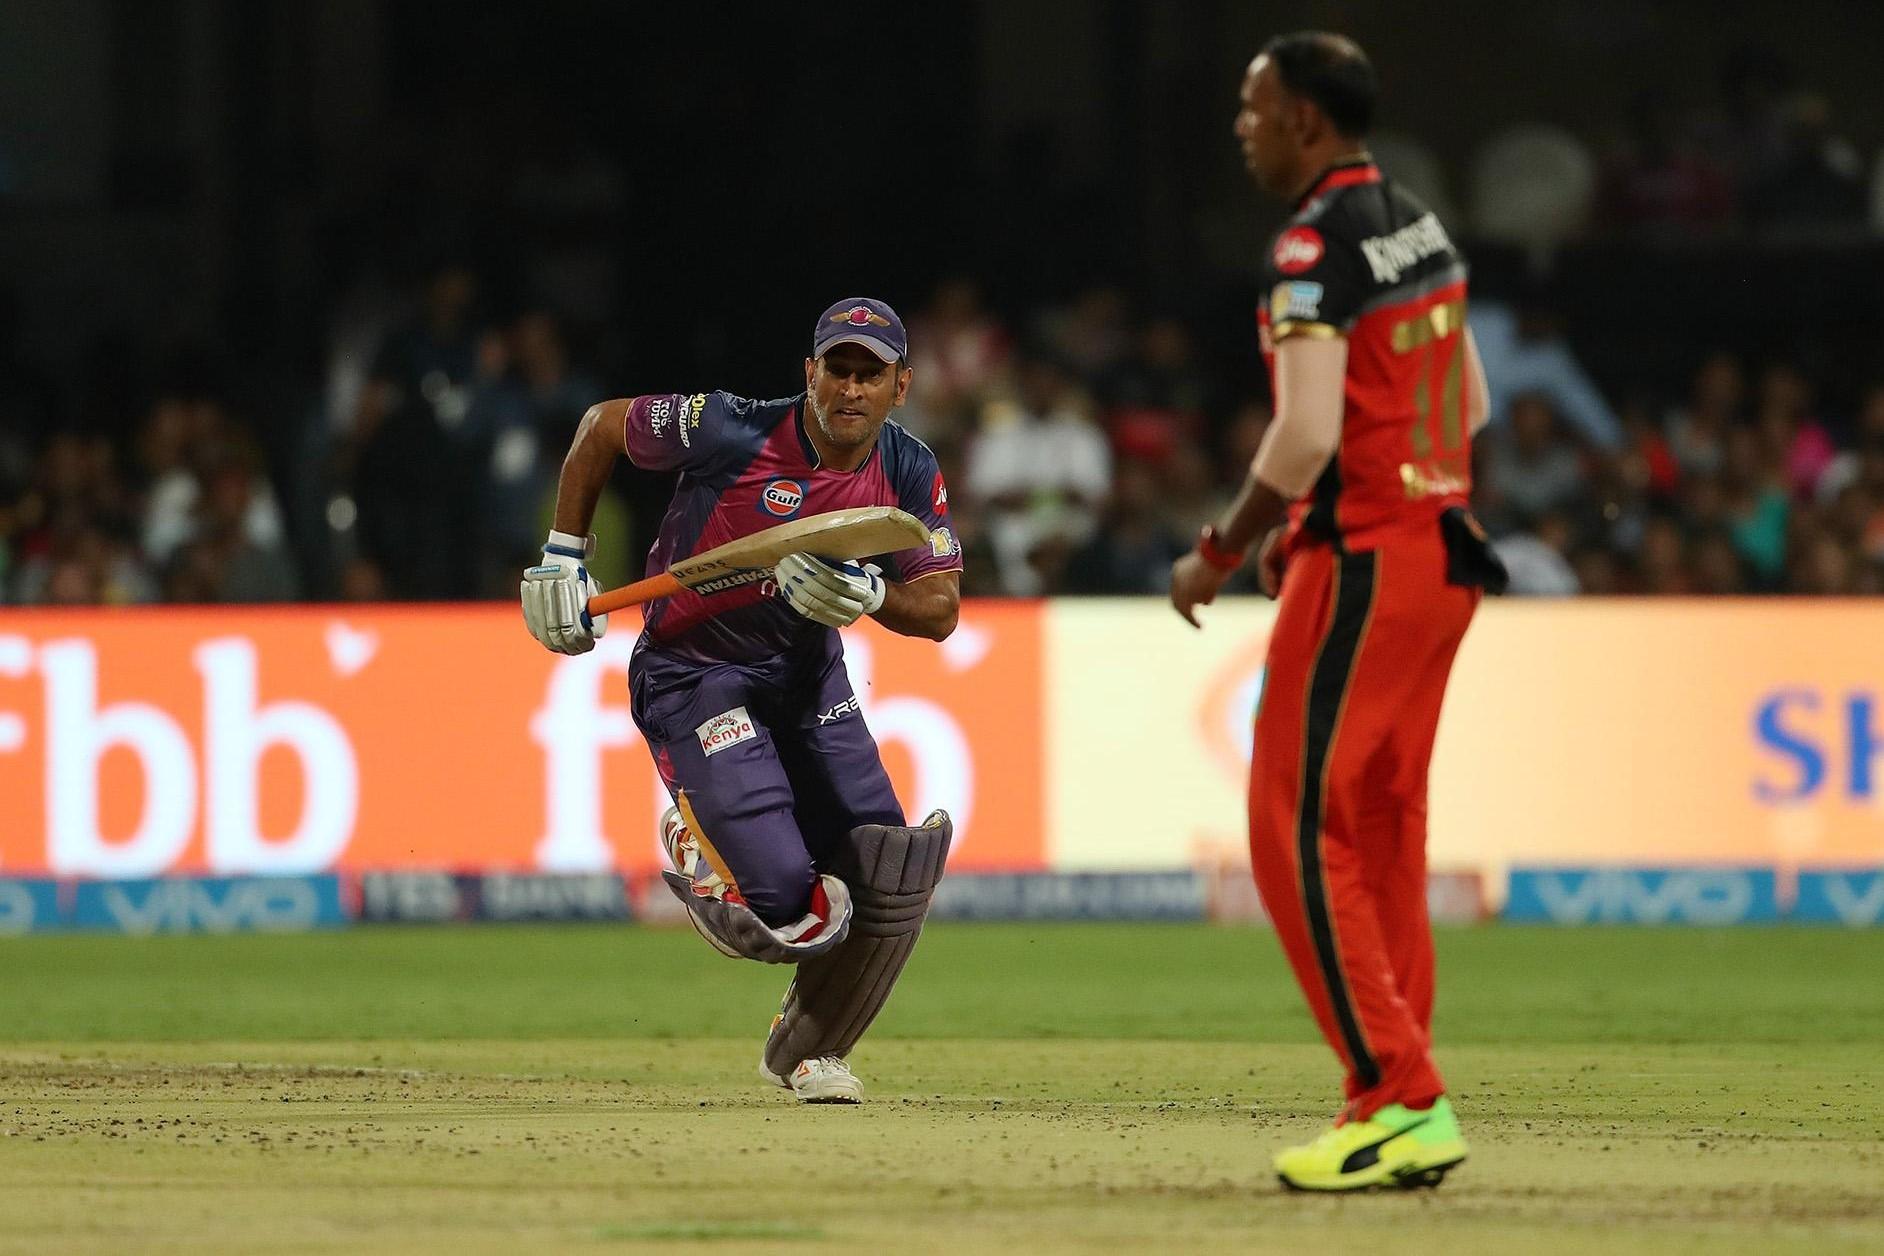 IPL10: RCB vs RPS: महेंद्र सिंह धोनी ने विश्व क्रिकेट में हासिल की एक बड़ी उपलब्धि